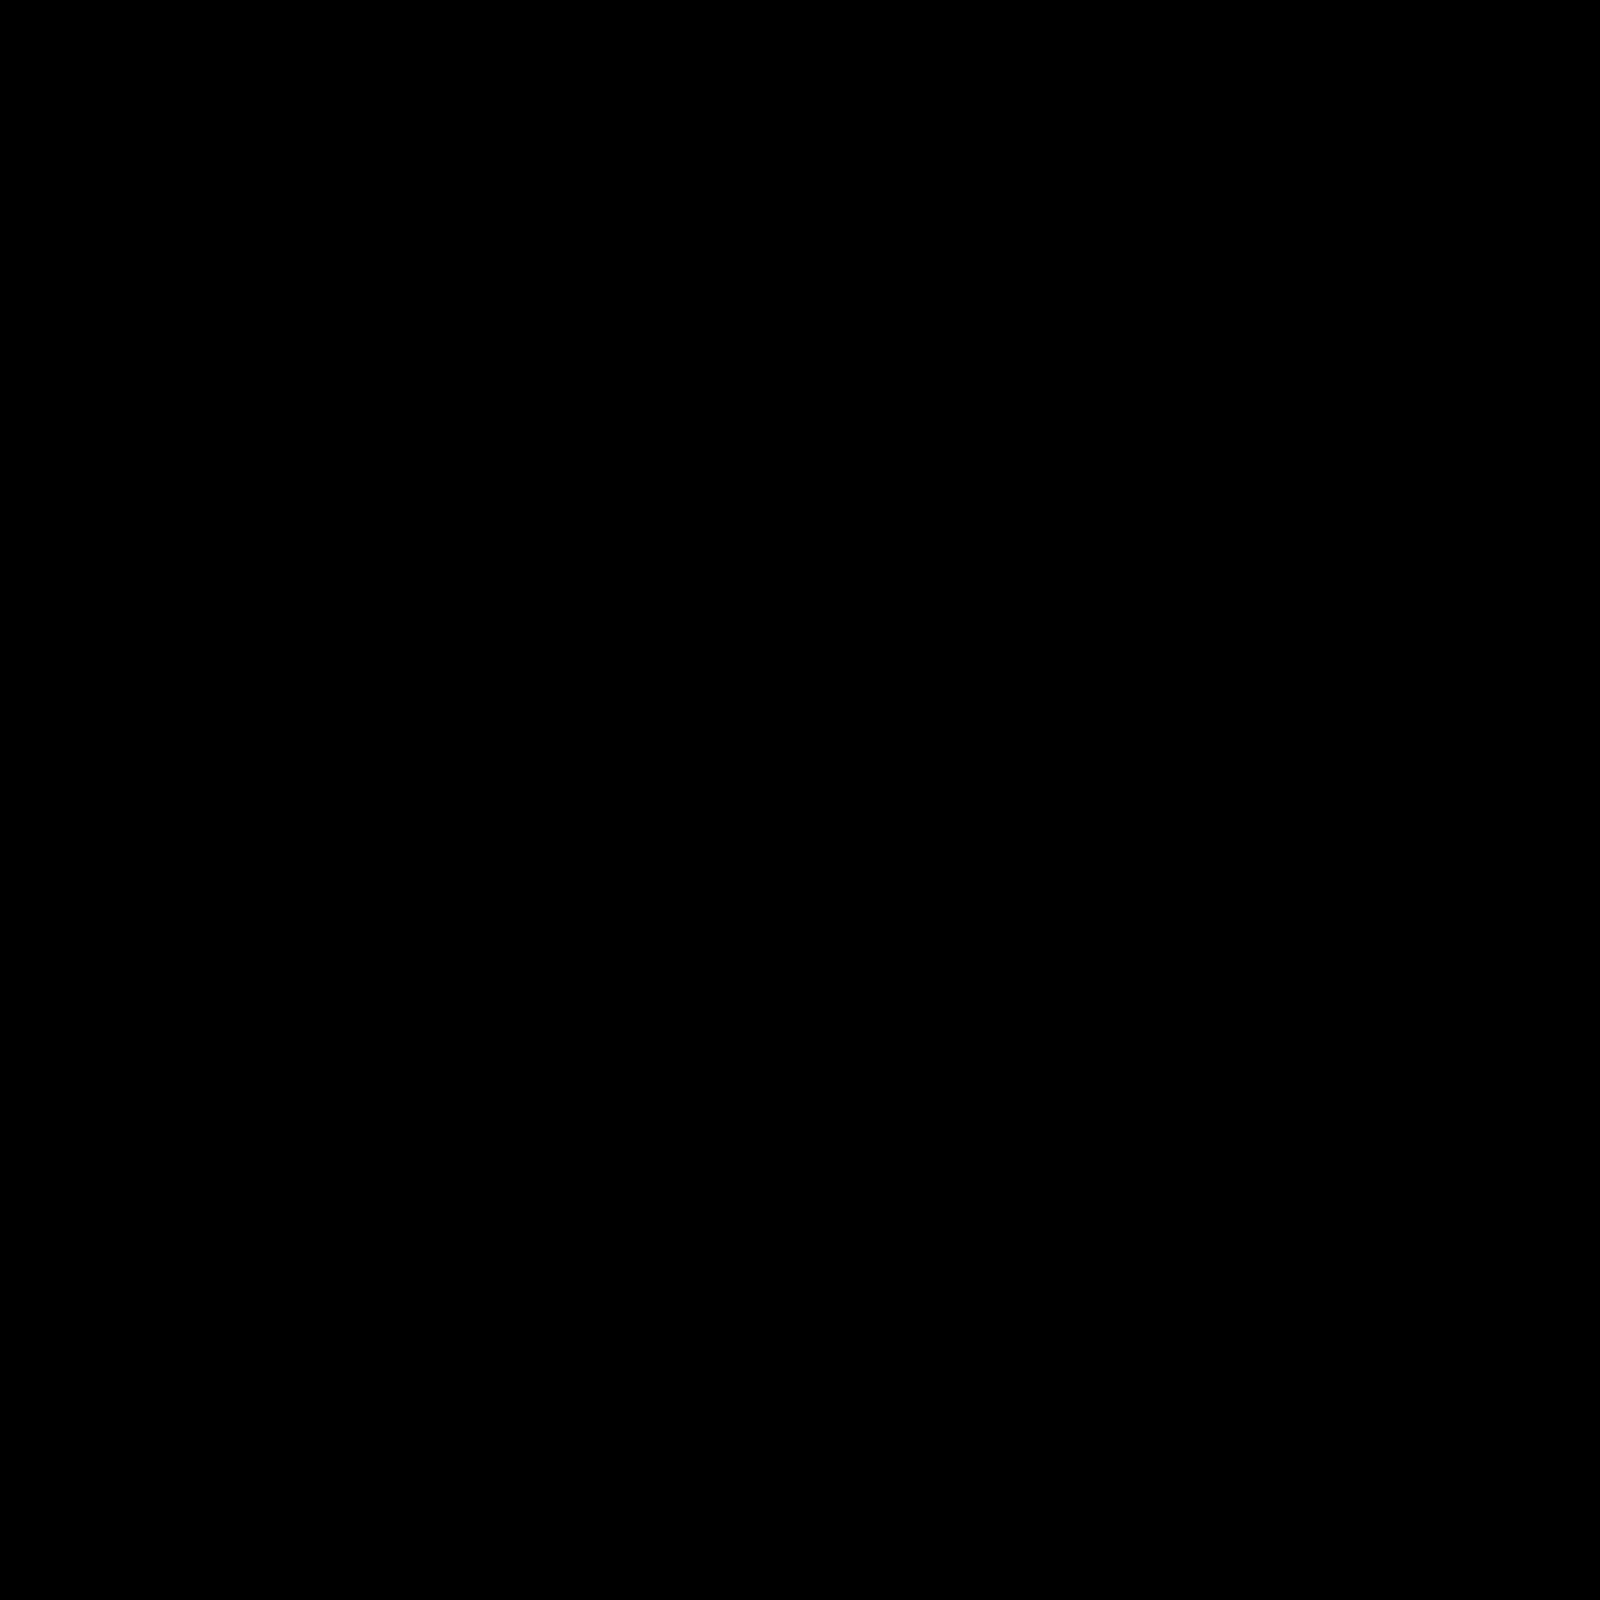 太阳眼镜 icon